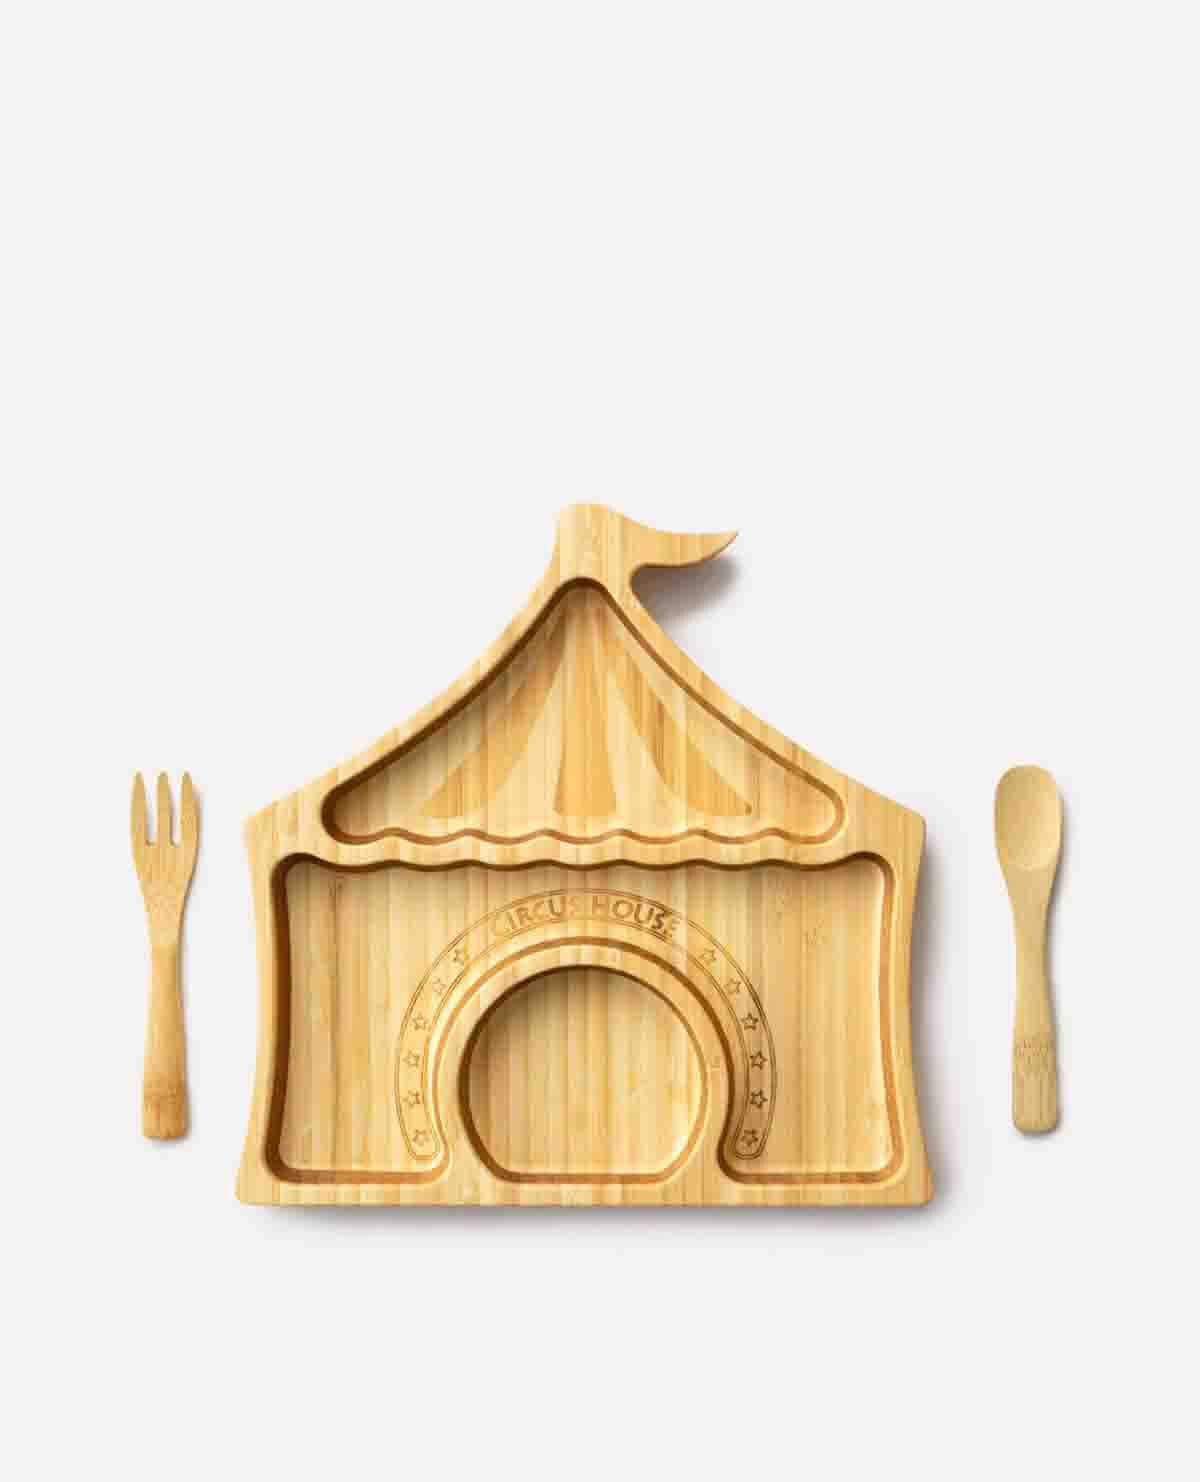 サーカス プレートセット クリスマス ベビー食器 木製